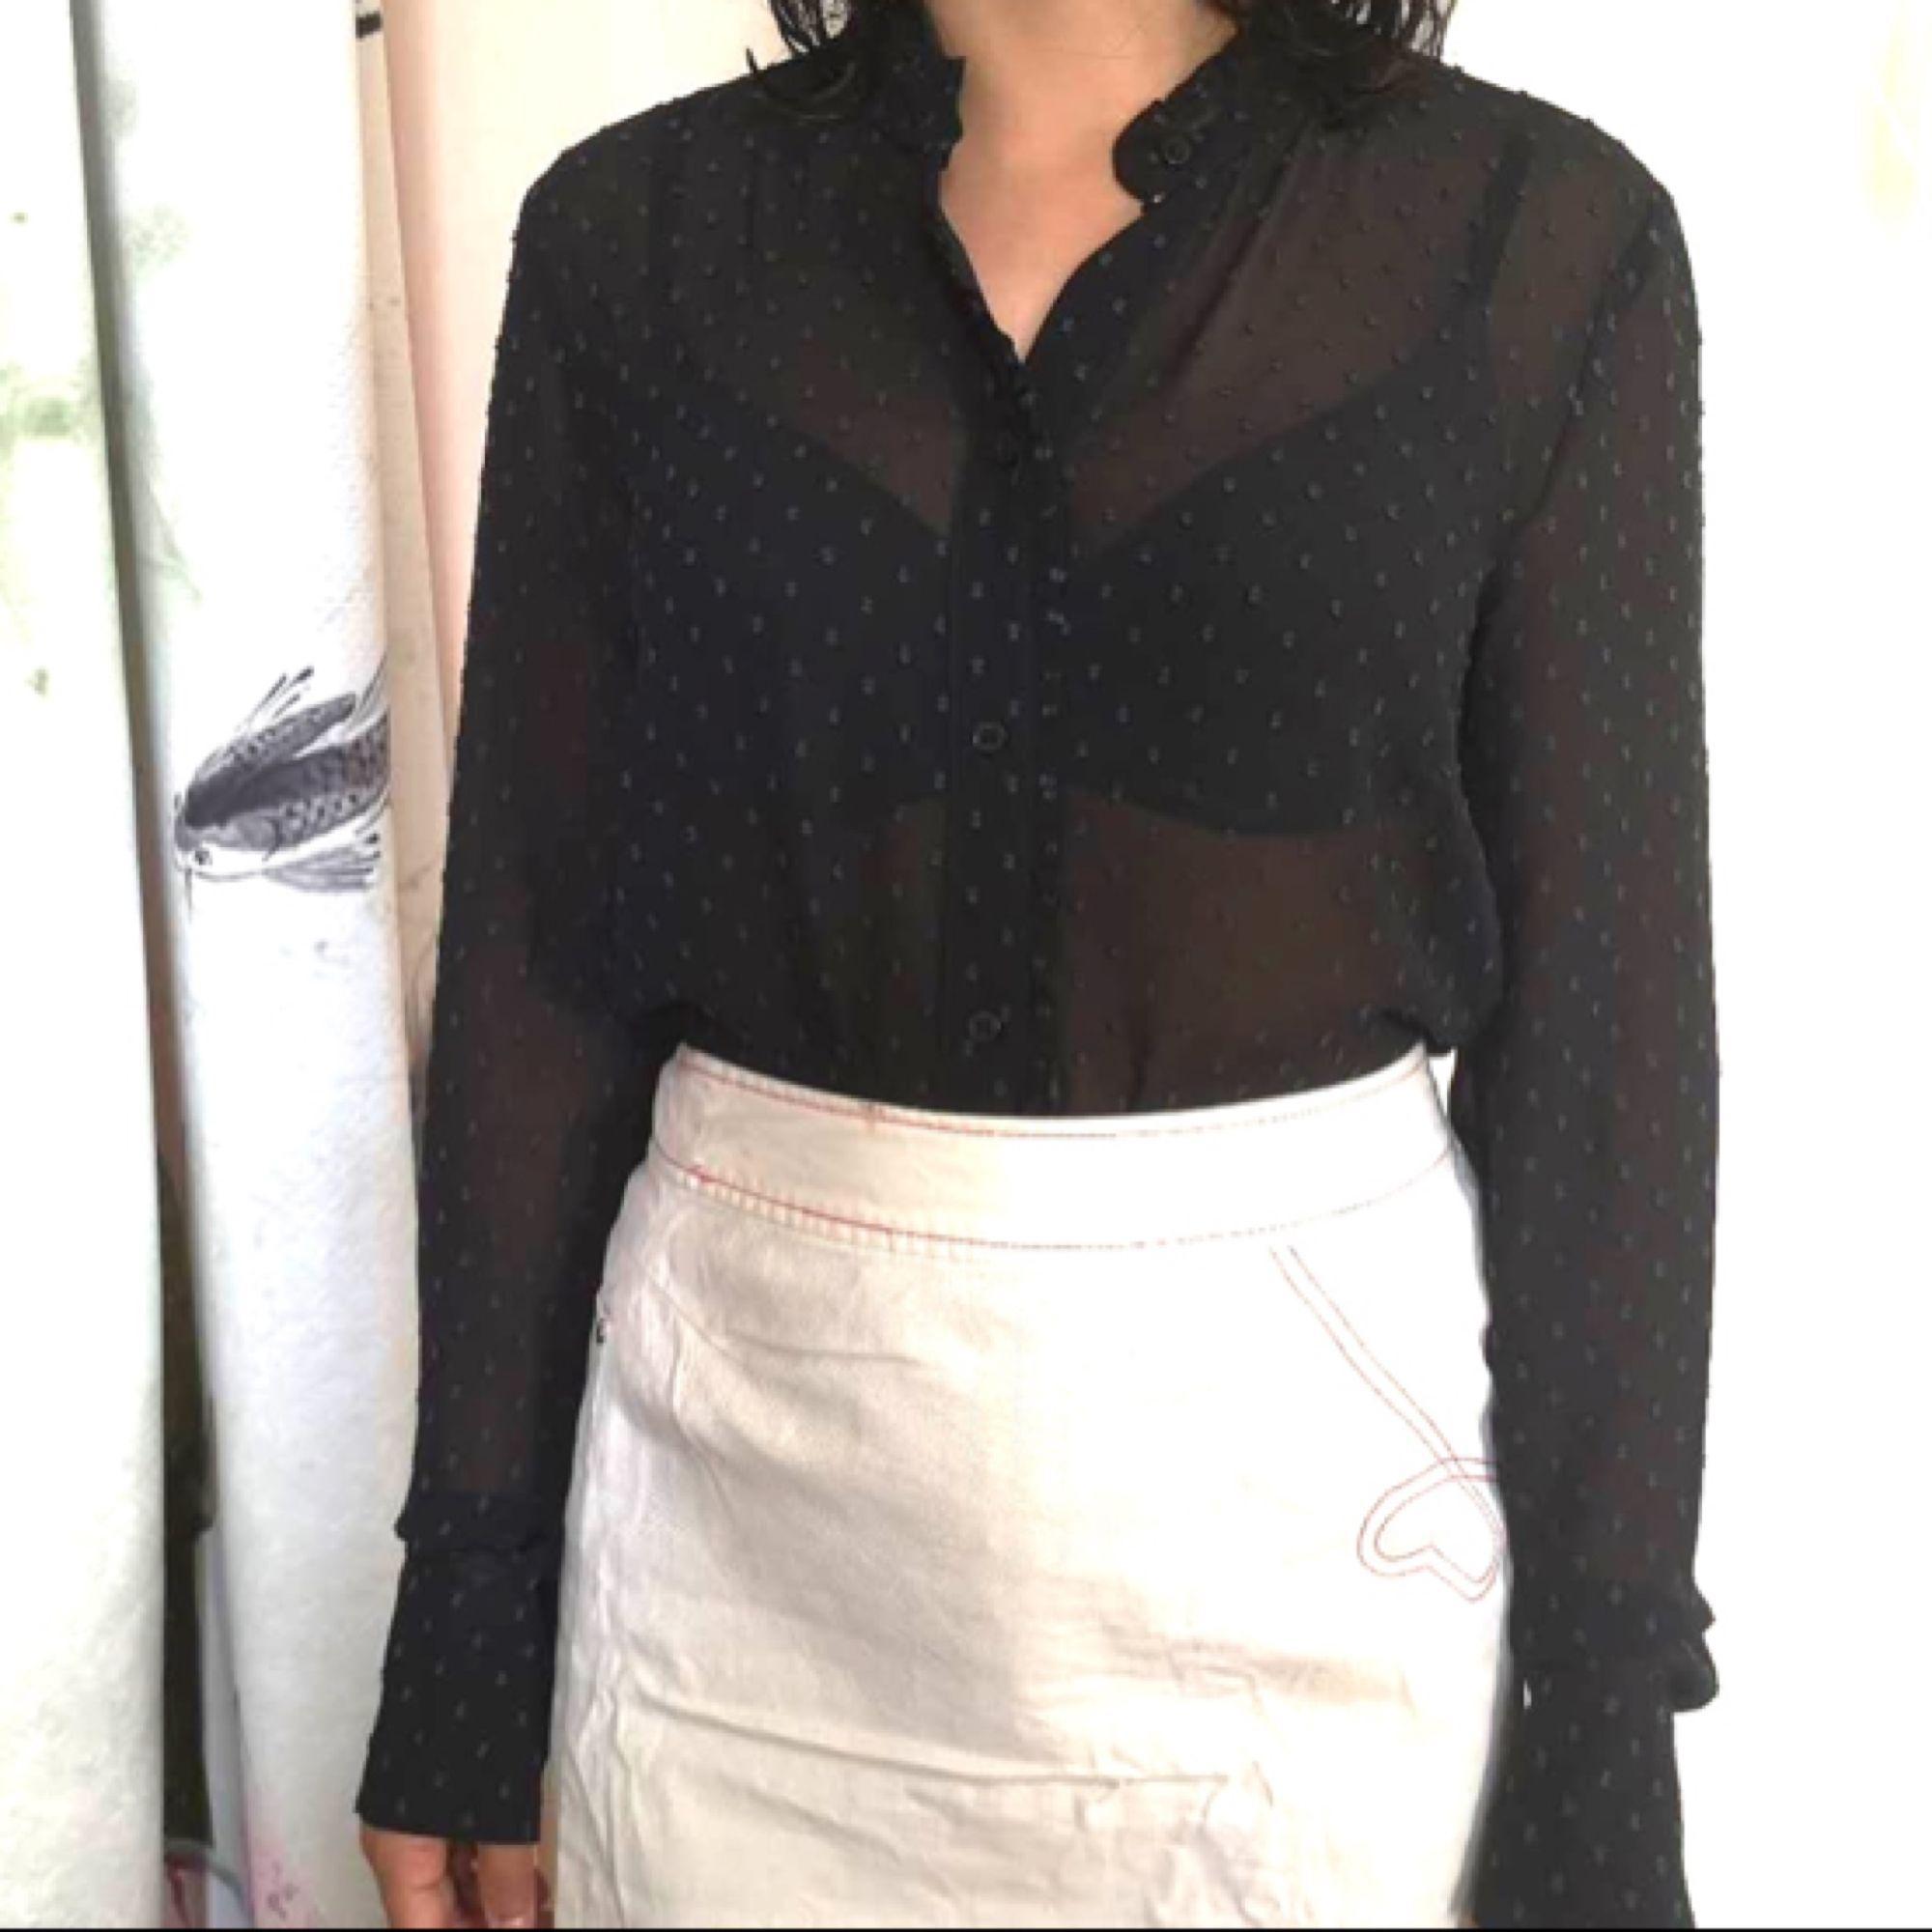 Dame skjorta. Storlek 34/S/160. Nästan ny från HM luxury selections. . Skjortor.